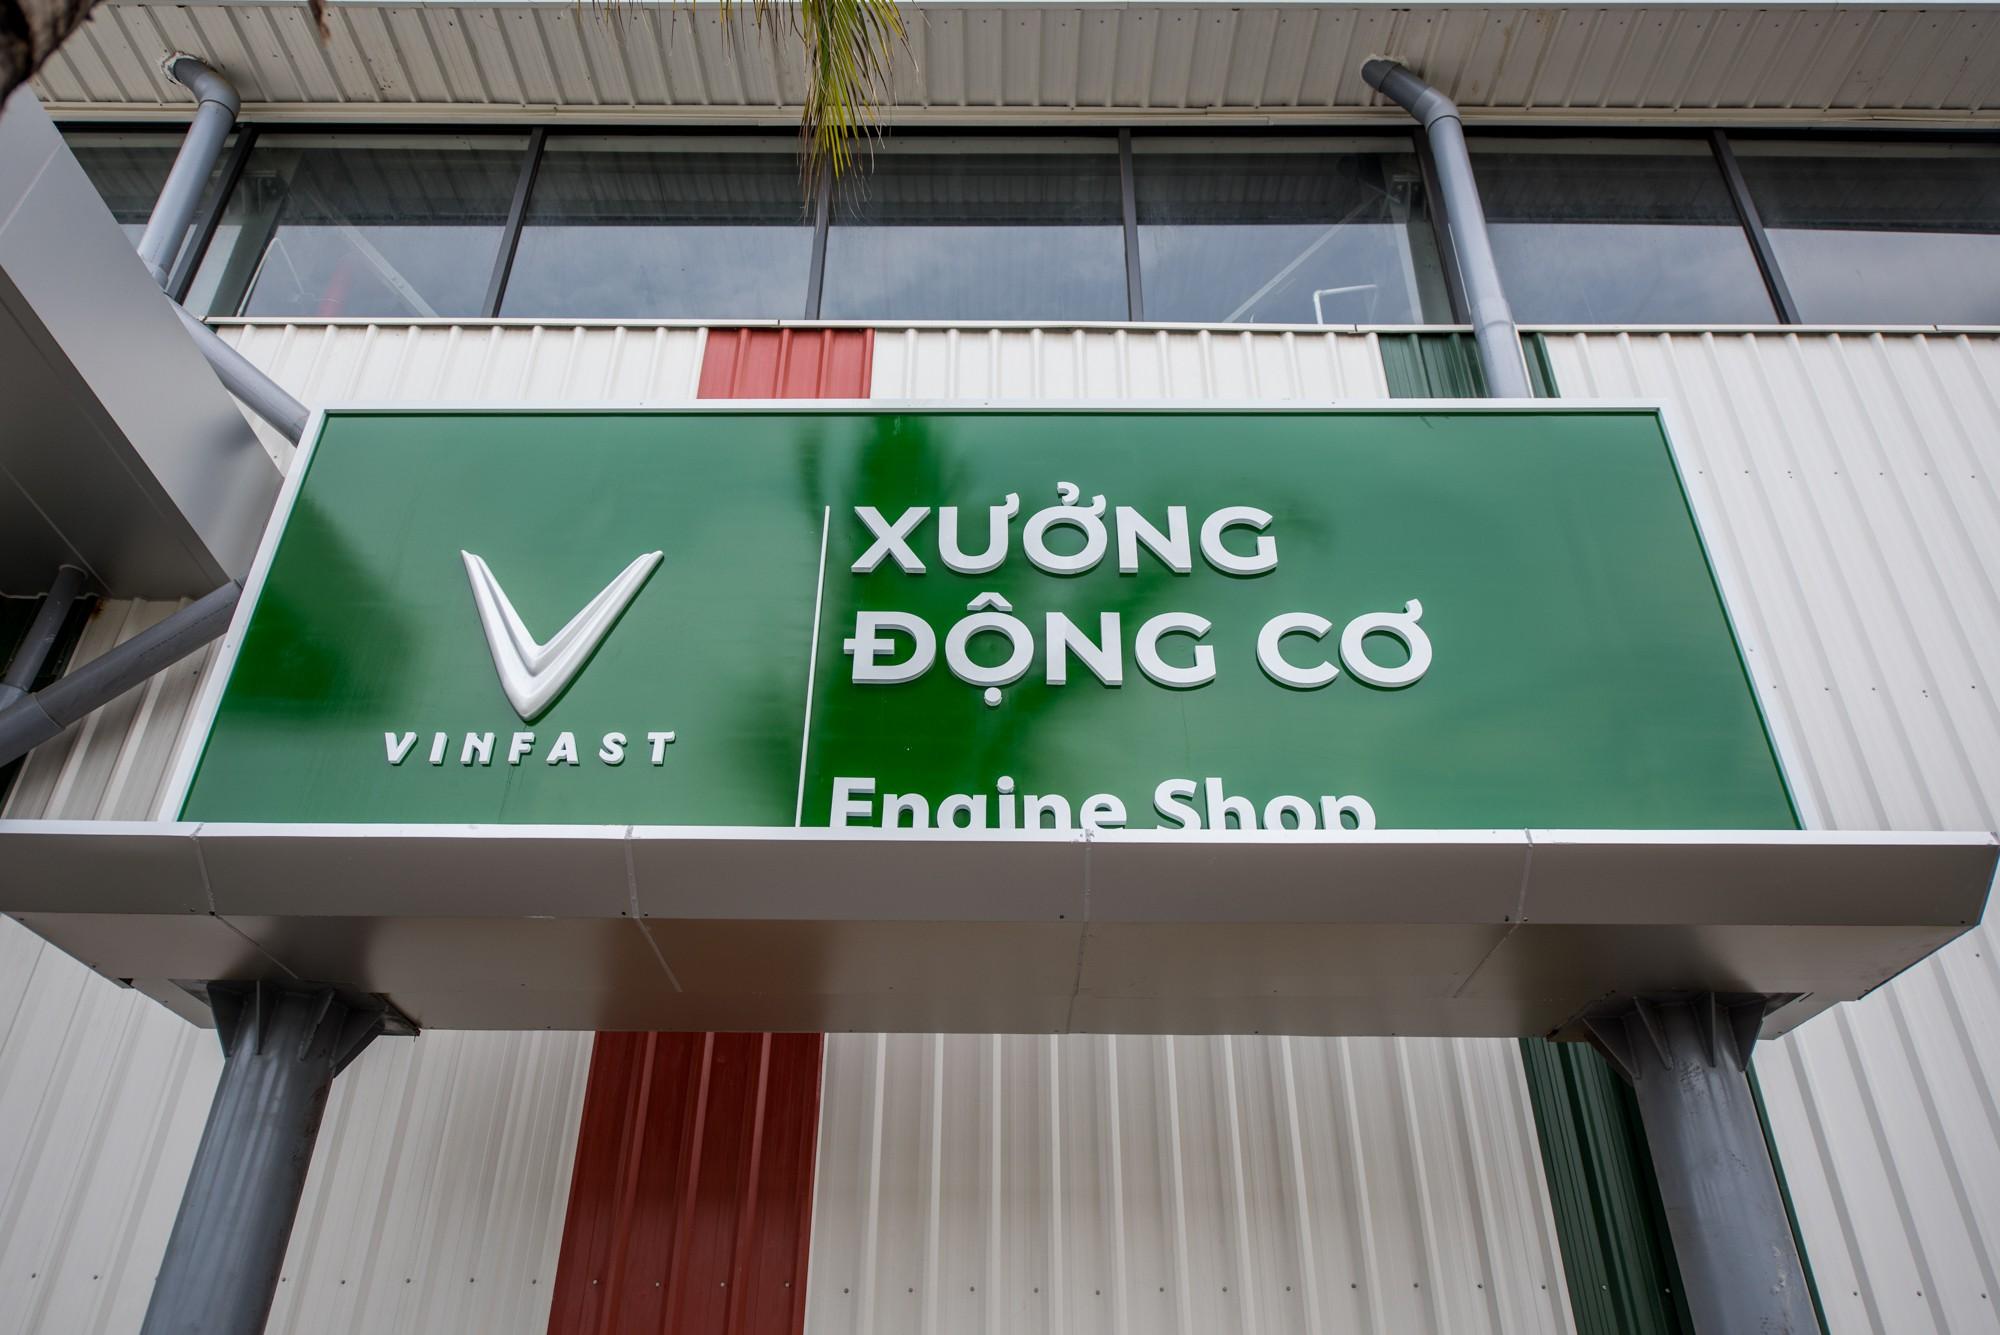 Xuong dong co